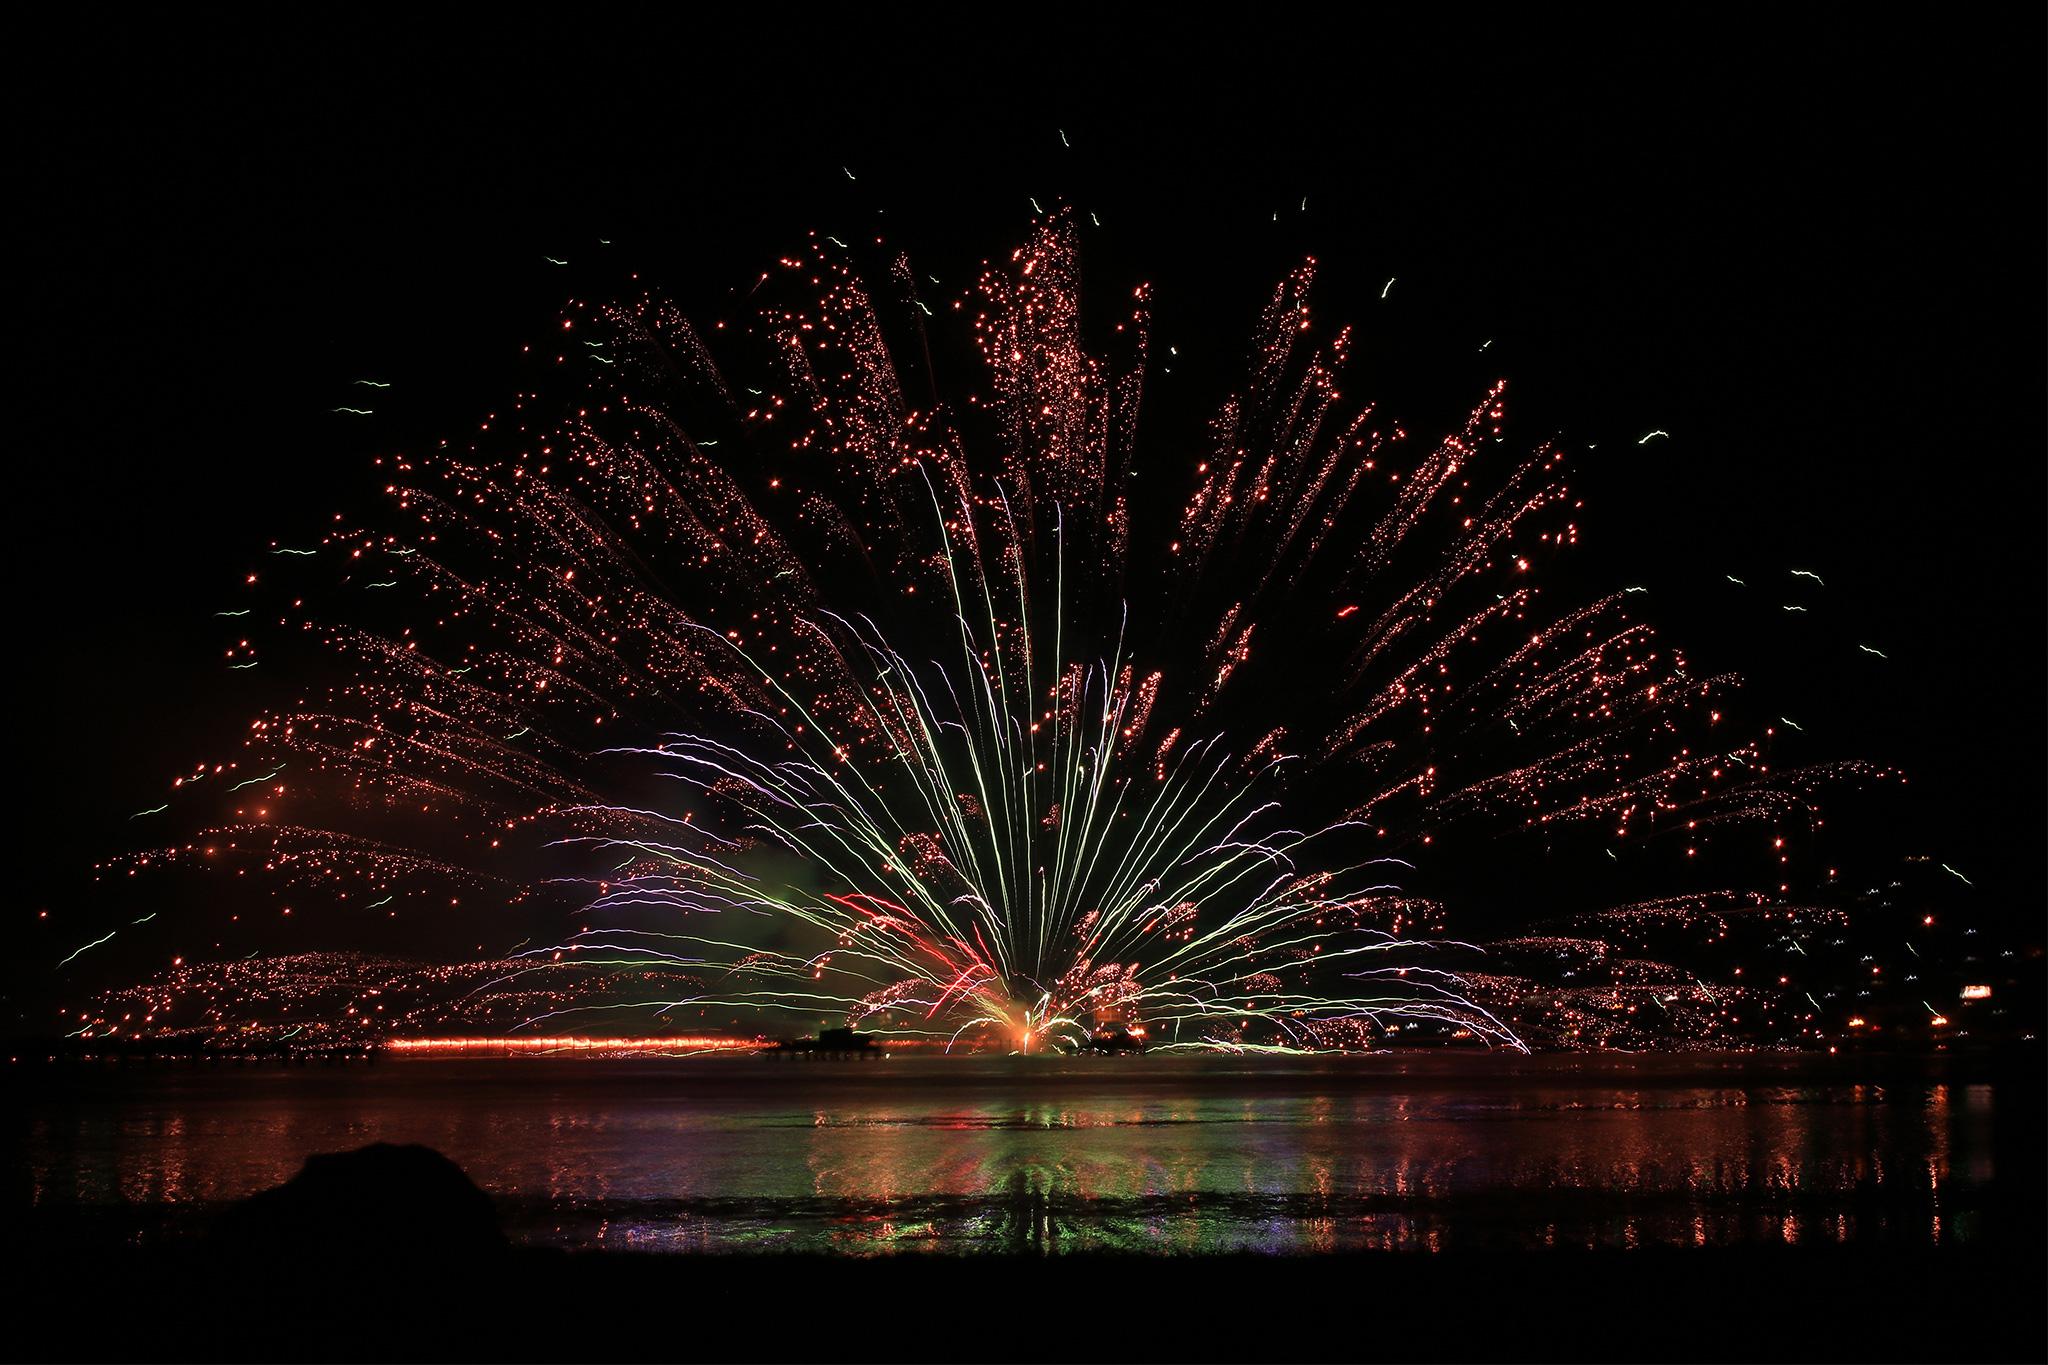 湖面に反射する世界一美しい花火のフリー画像 おしゃれなフリー写真素材 Girly Drop